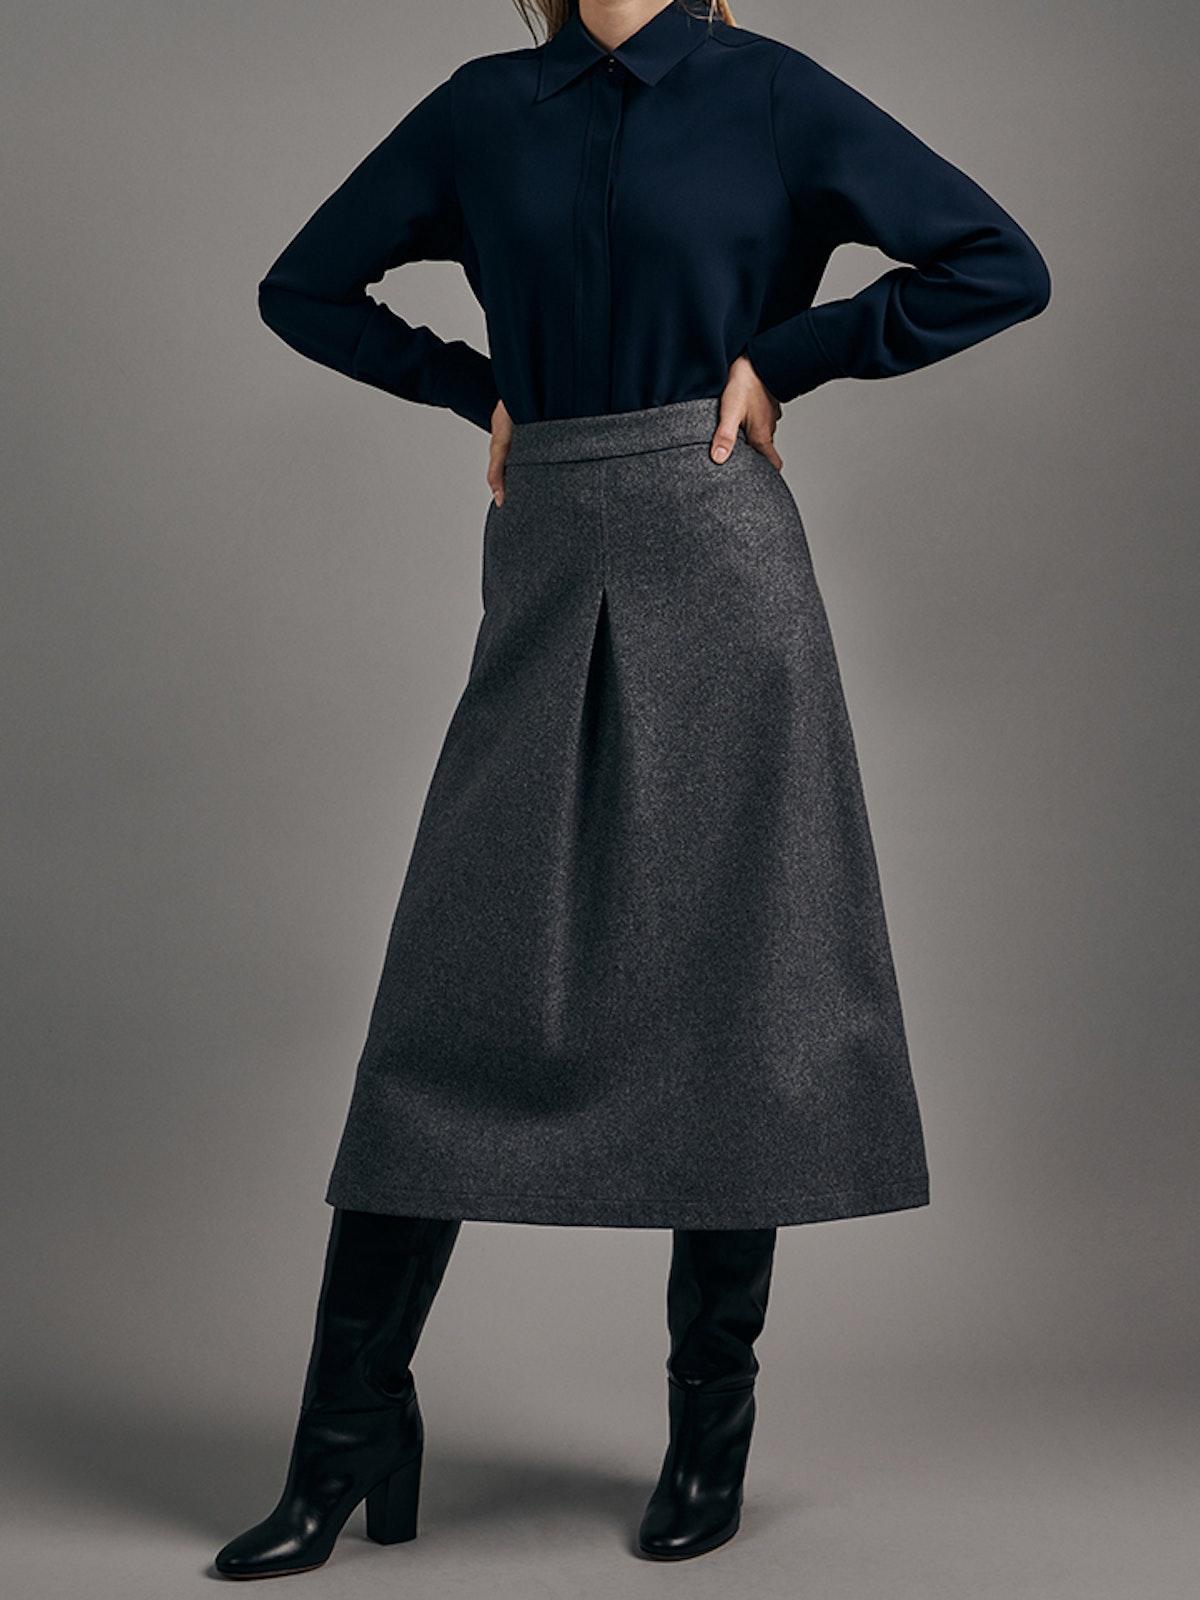 Röcke | Seidensticker